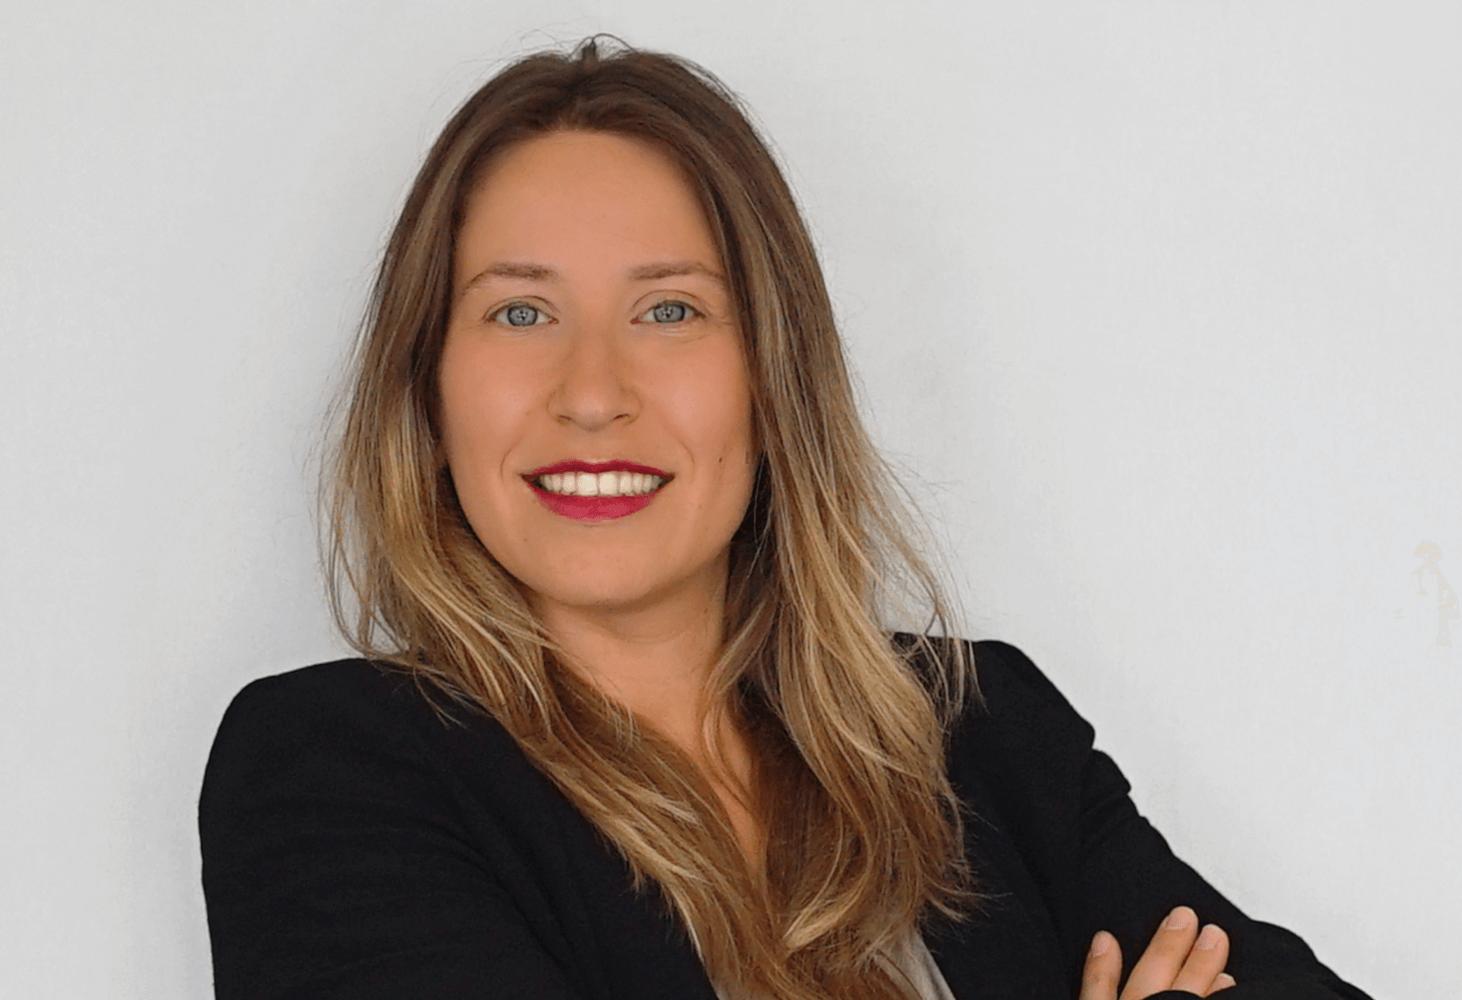 Artigo de Opinião - Tatiana Pereira - Business Unit Director - IT People Innovation - O ADN das empresas está em mutação